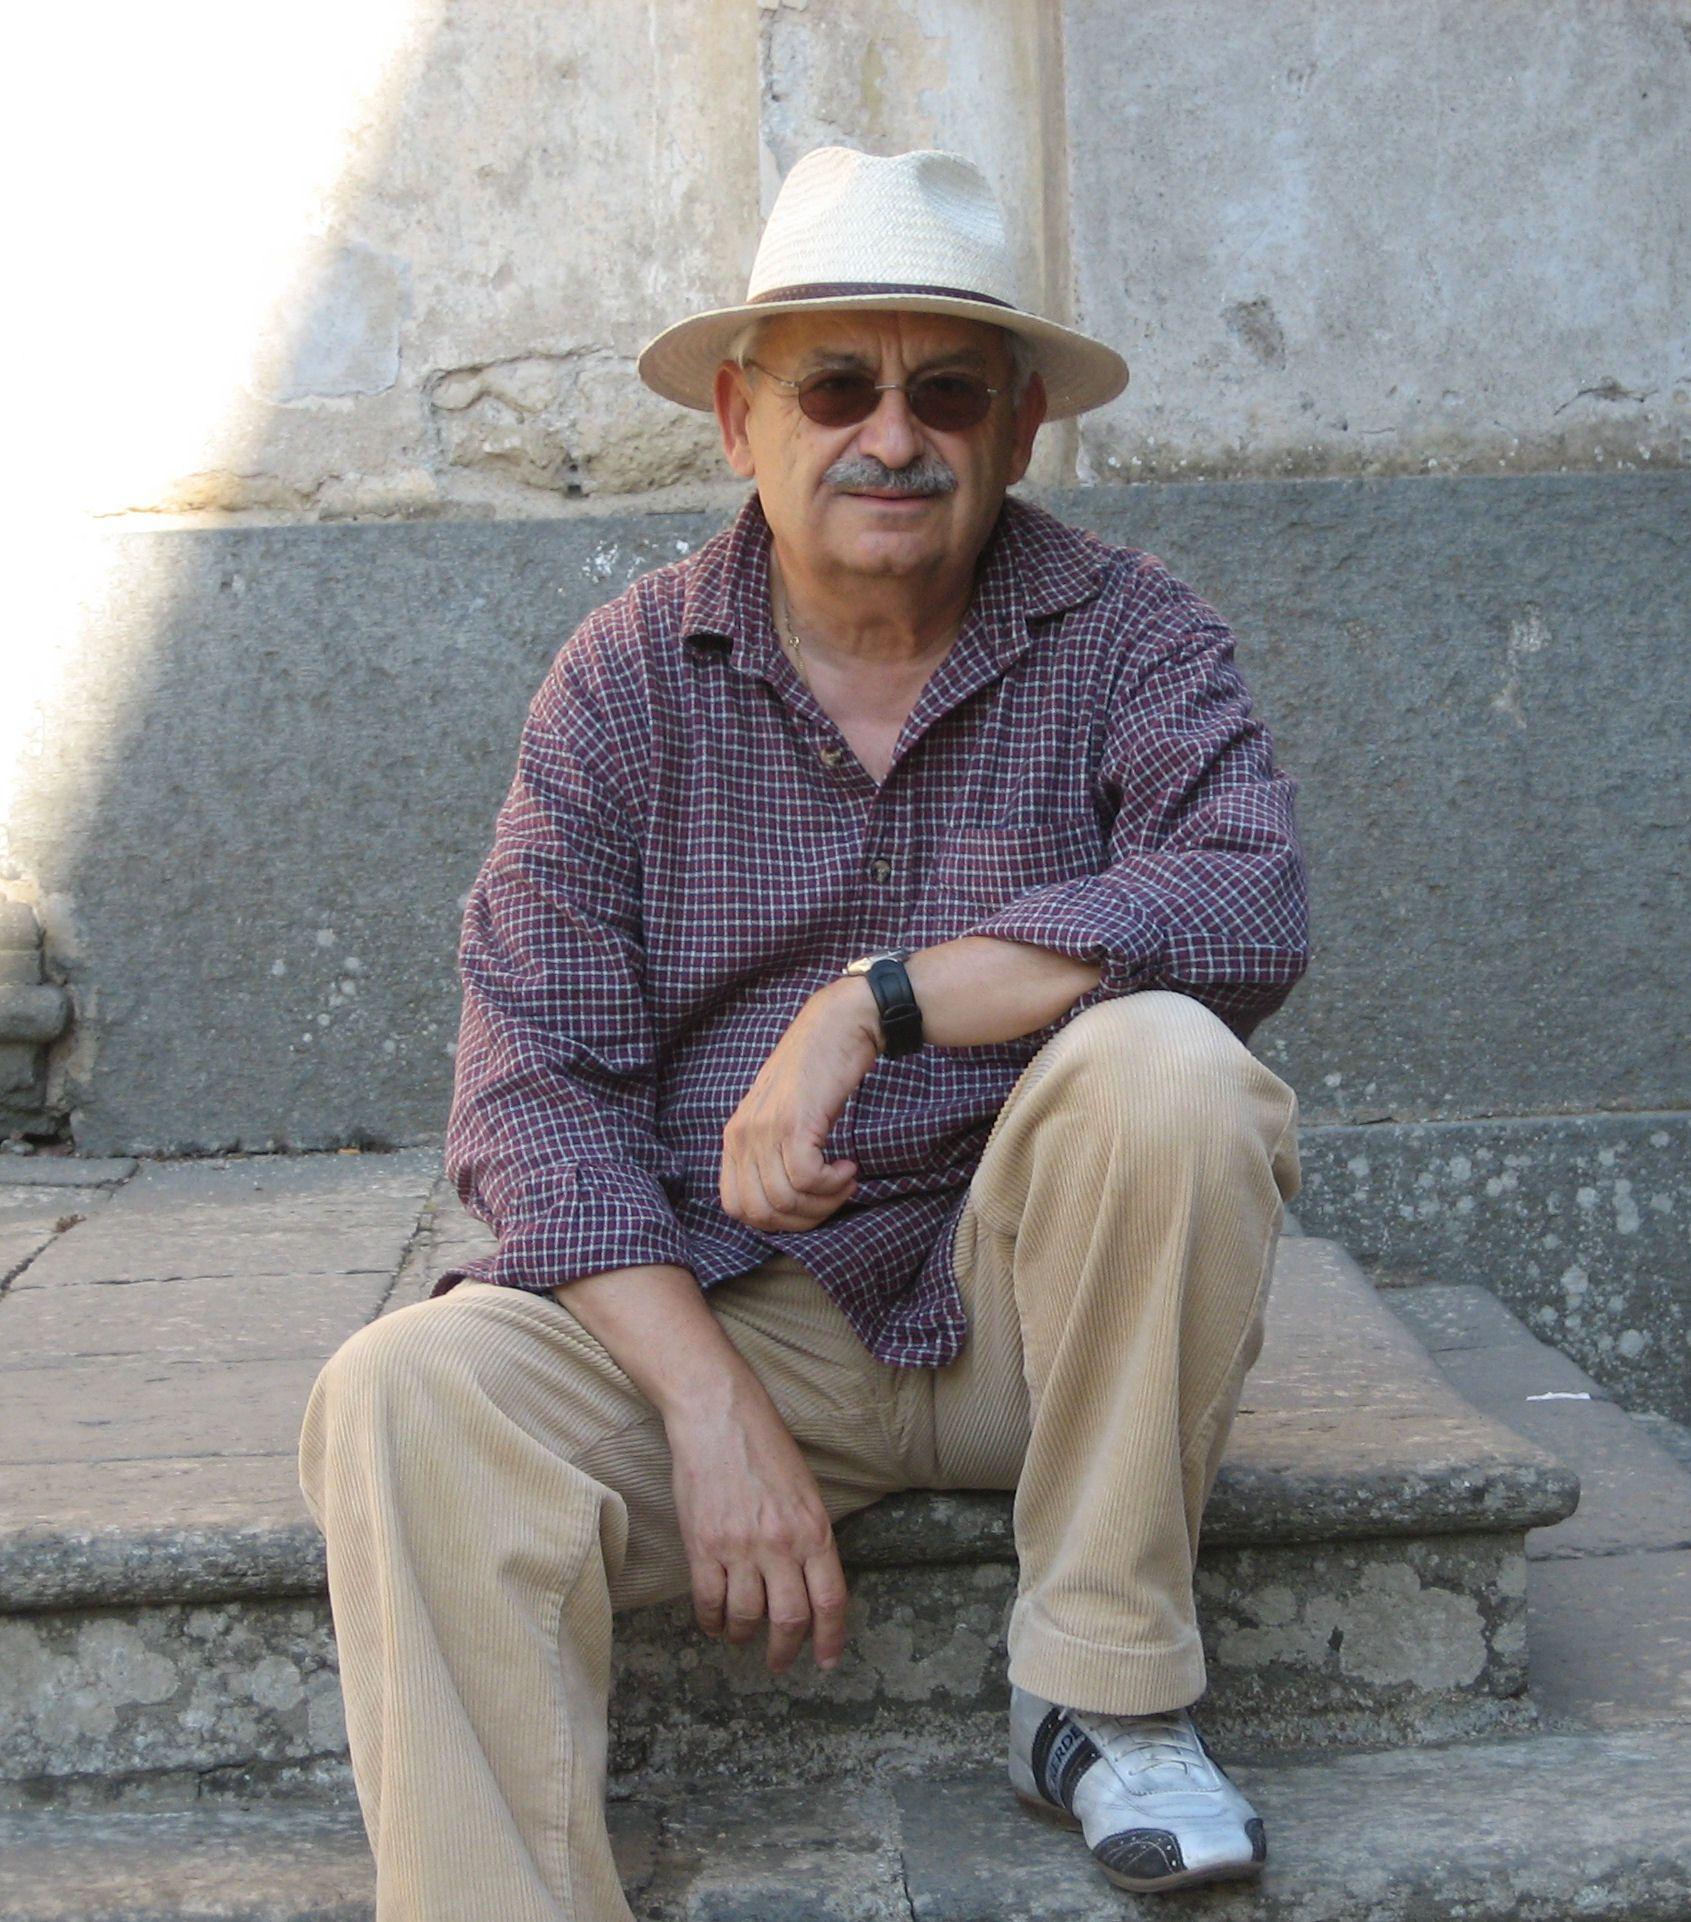 The Author Uri Jerzy Nachimson